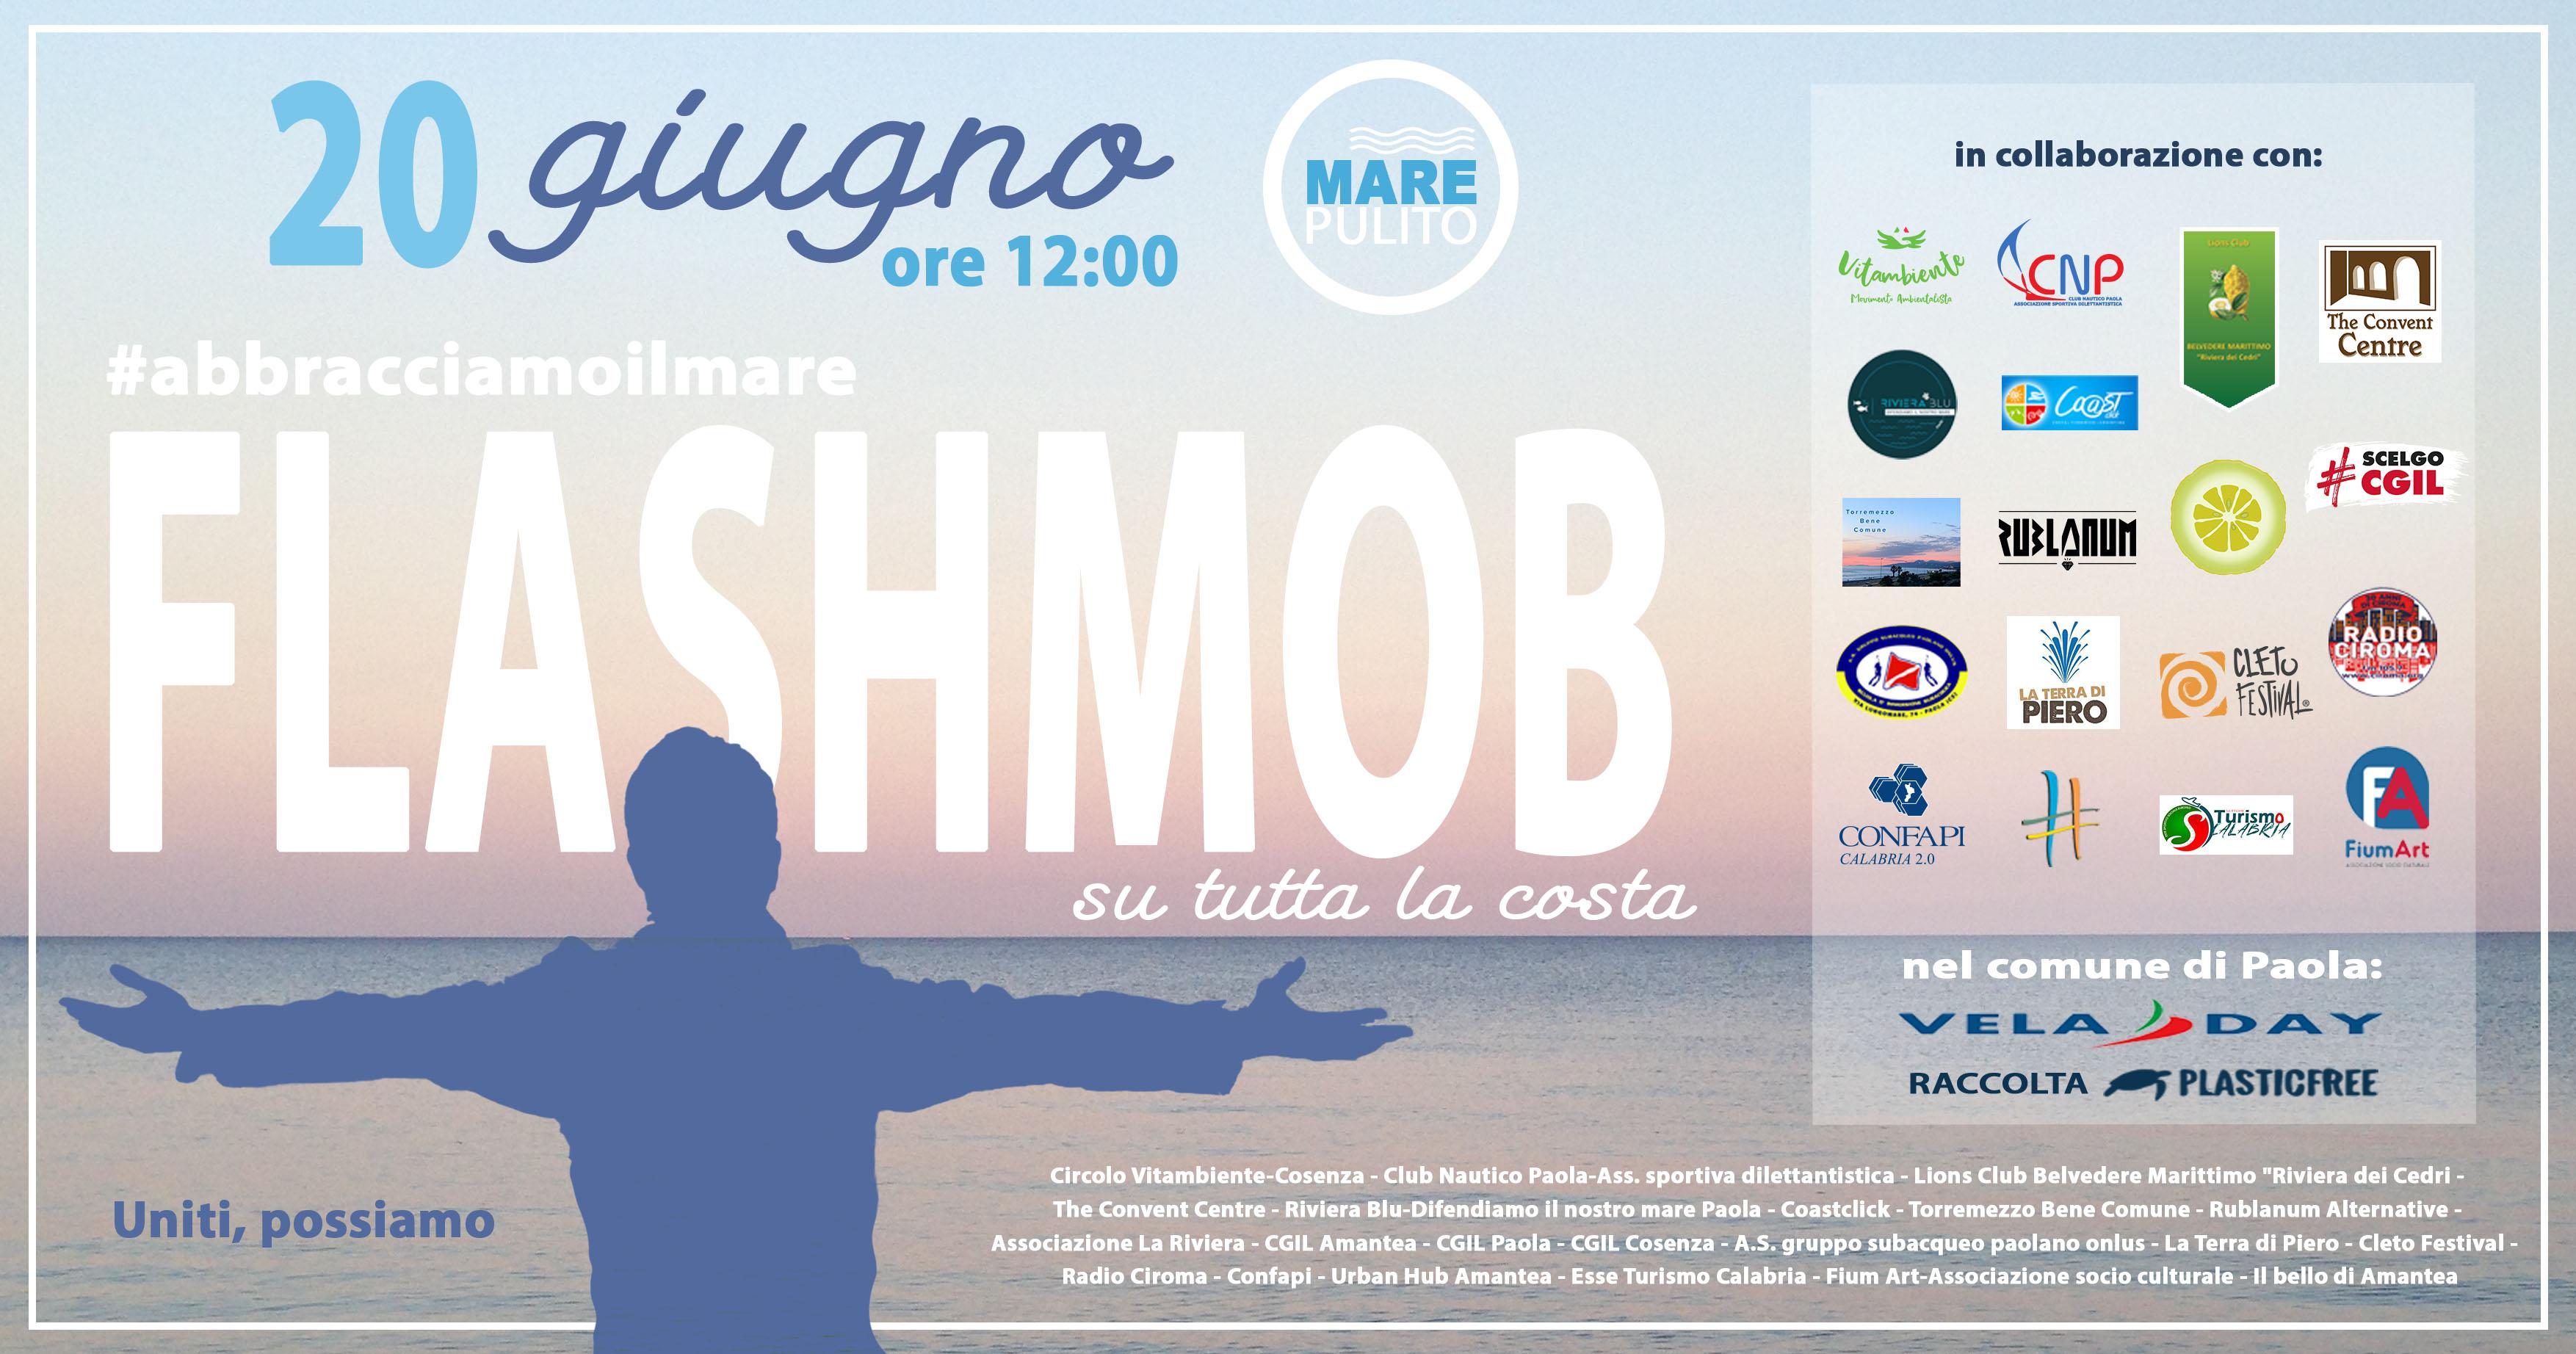 #abbracciamoilmare, il primo flash mob organizzato dall'Associazione Mare Pulito